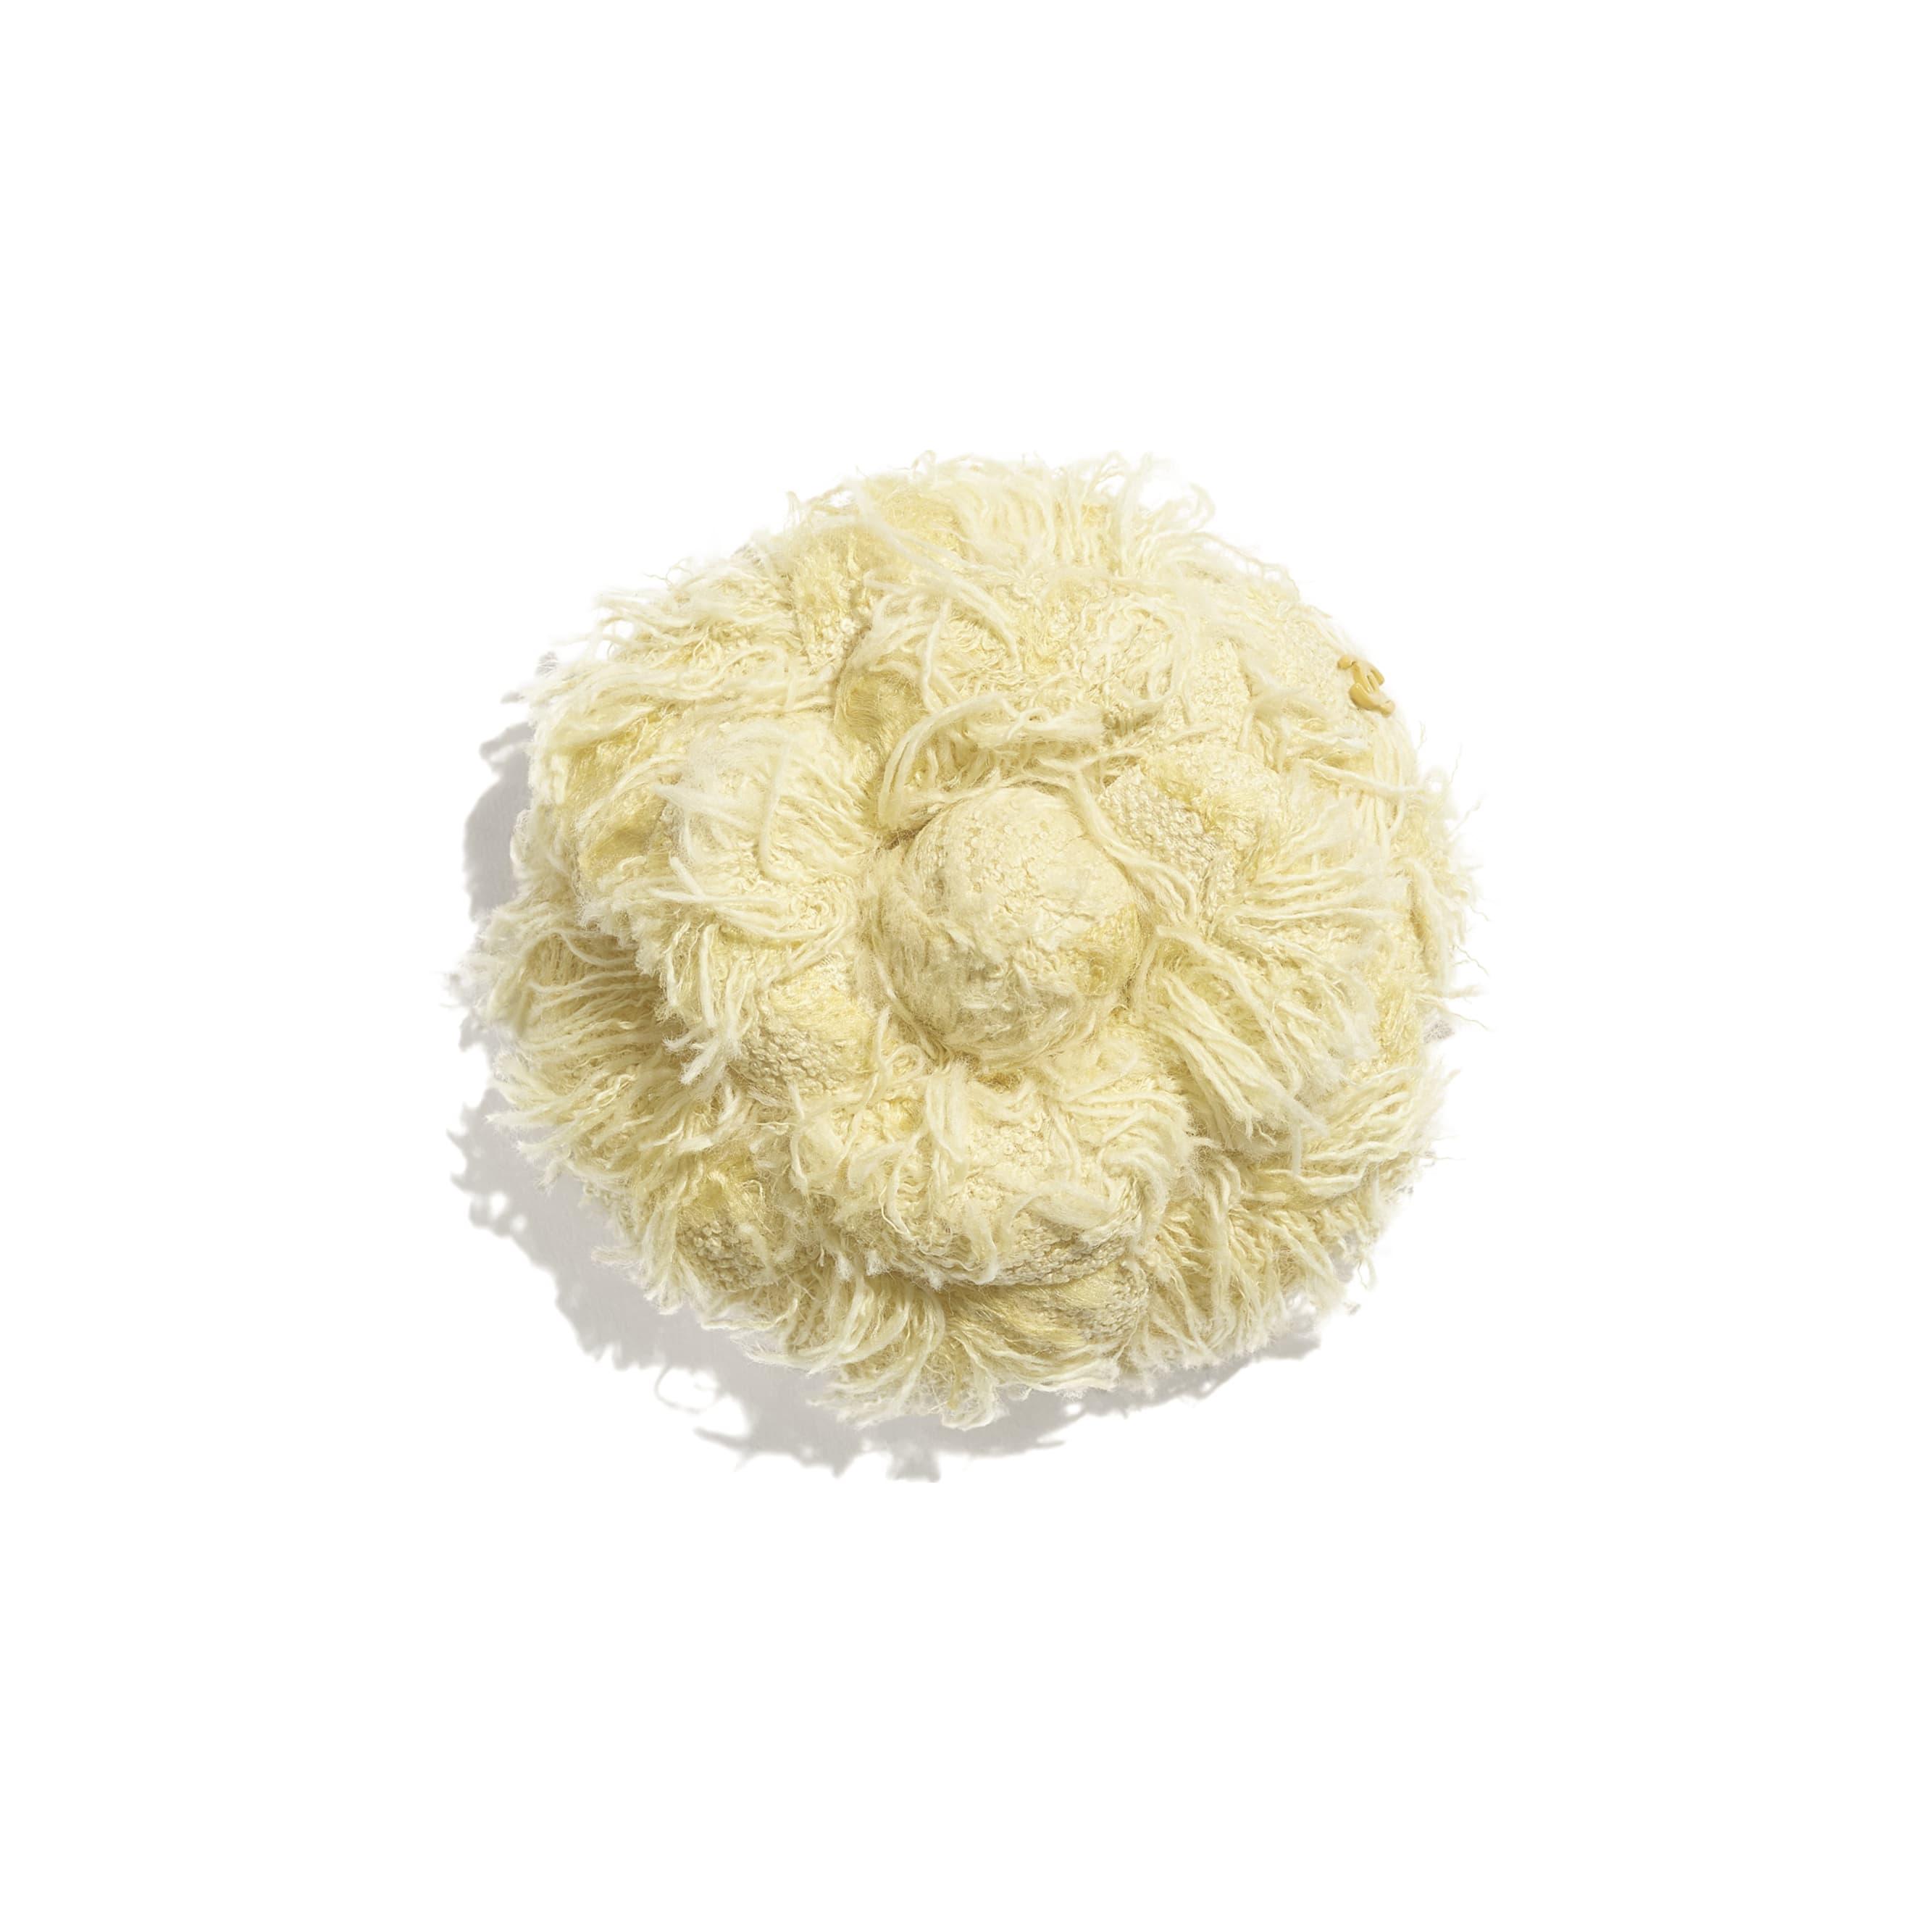 Kamelie - Gelb - Baumwolltweed - CHANEL - Standardansicht - Standardgröße anzeigen